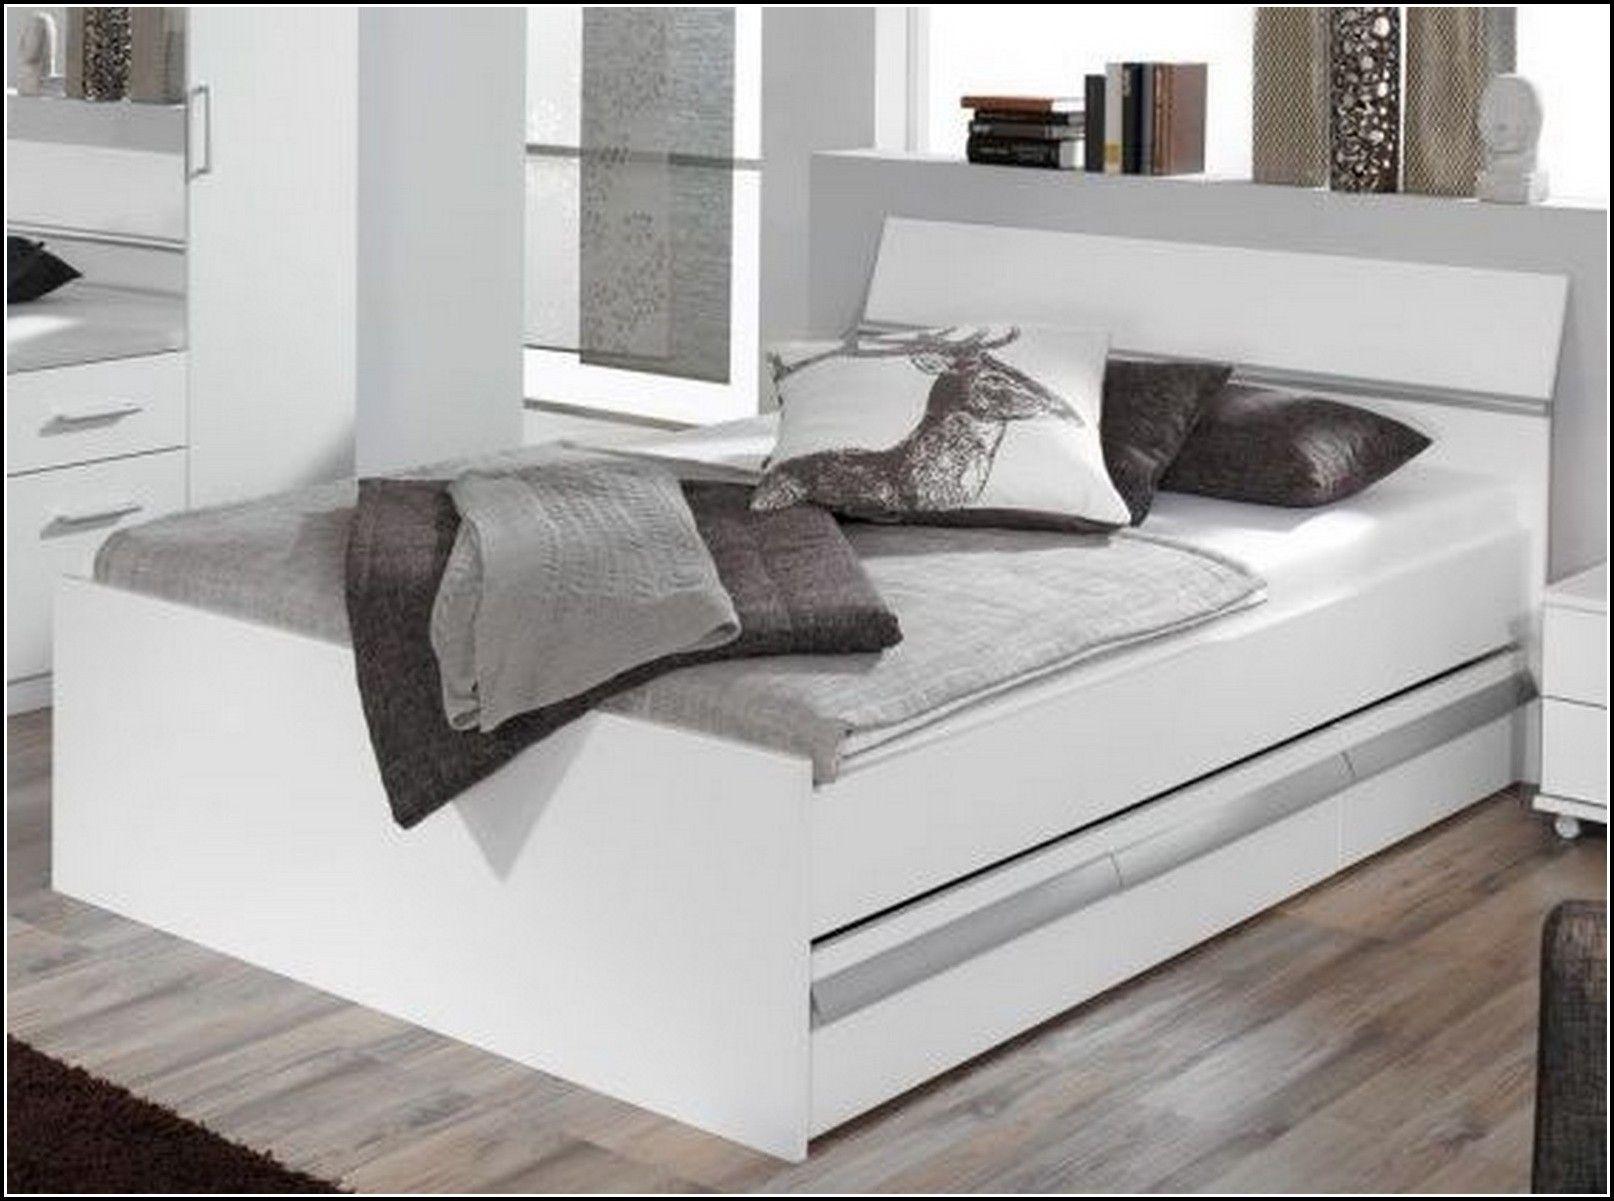 Billig Bett 140x200 Mit Bettkasten